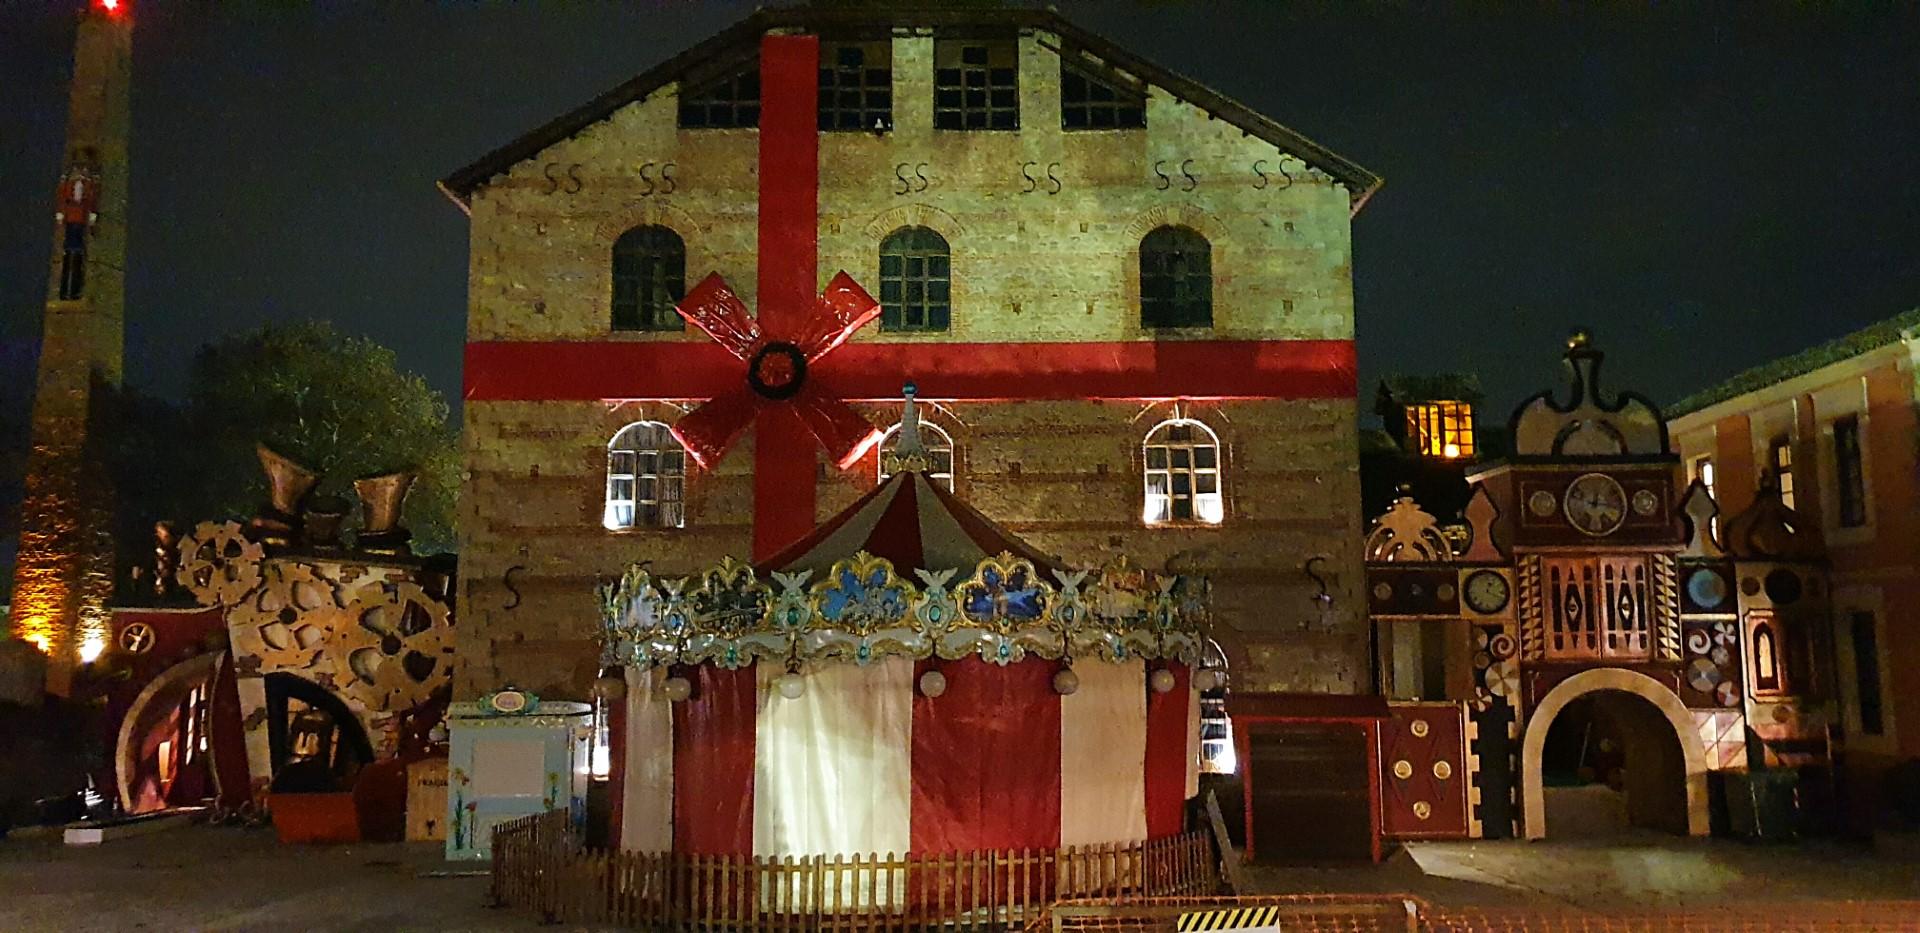 Έτοιμος ο «Μύλος των Ξωτικών». Ανοίγει 29 του μηνός στα Τρίκαλα